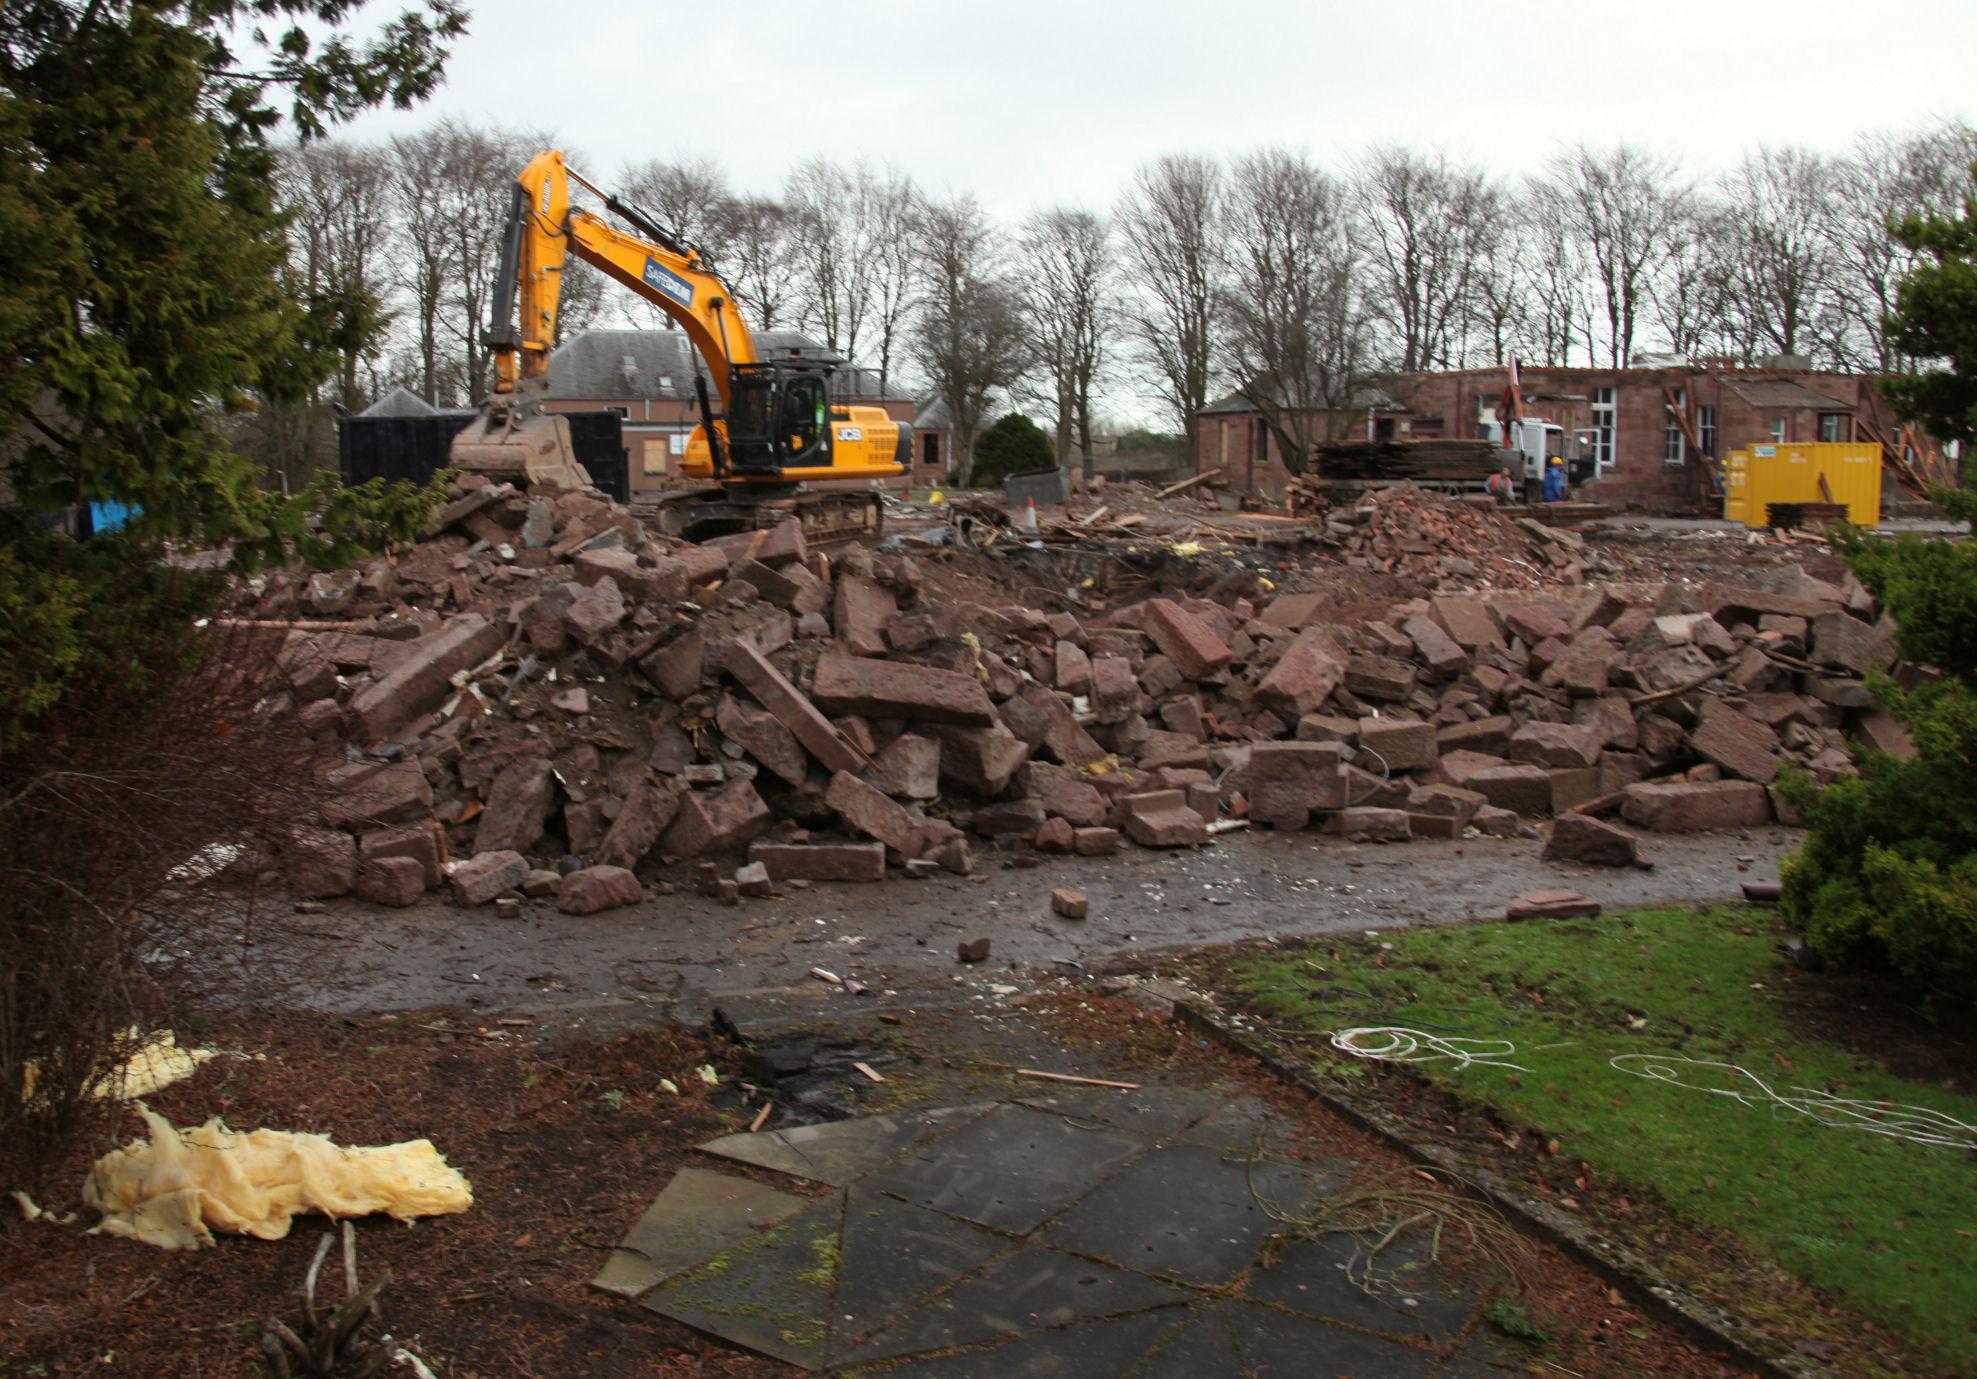 Demolition work under way at Little Cairnie Hospital in Arbroath